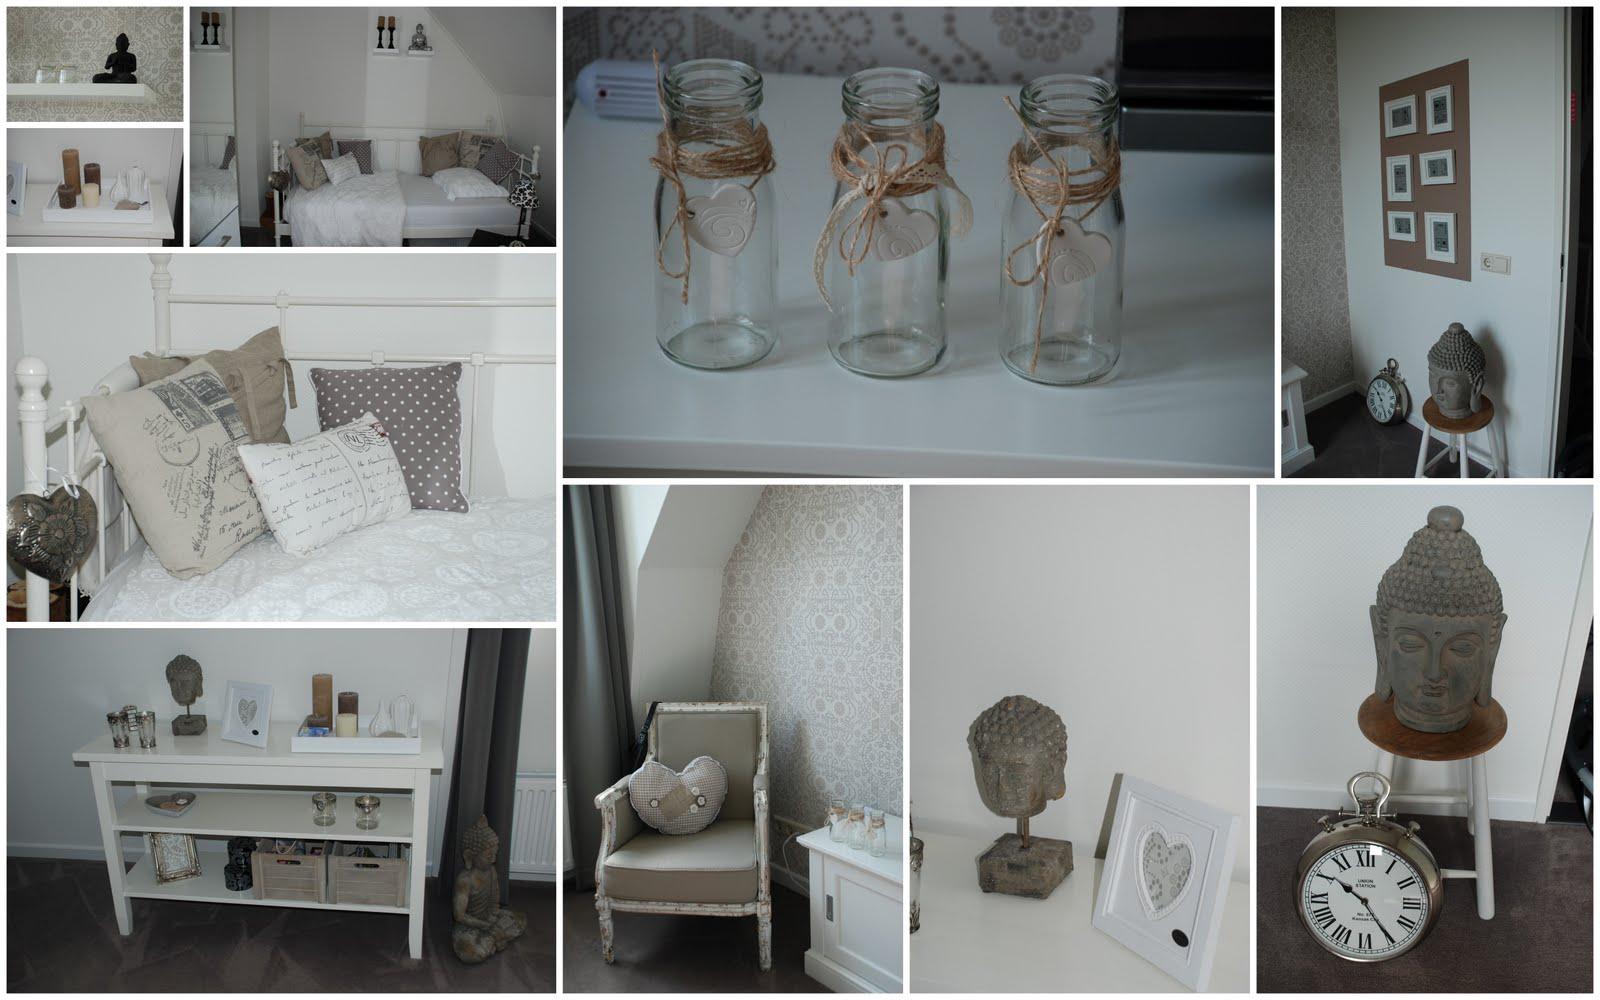 Woonideeen Slaapkamer Paars : Made by josé: vakantiedagboekje nieuwe slaapkamer en naar heesch